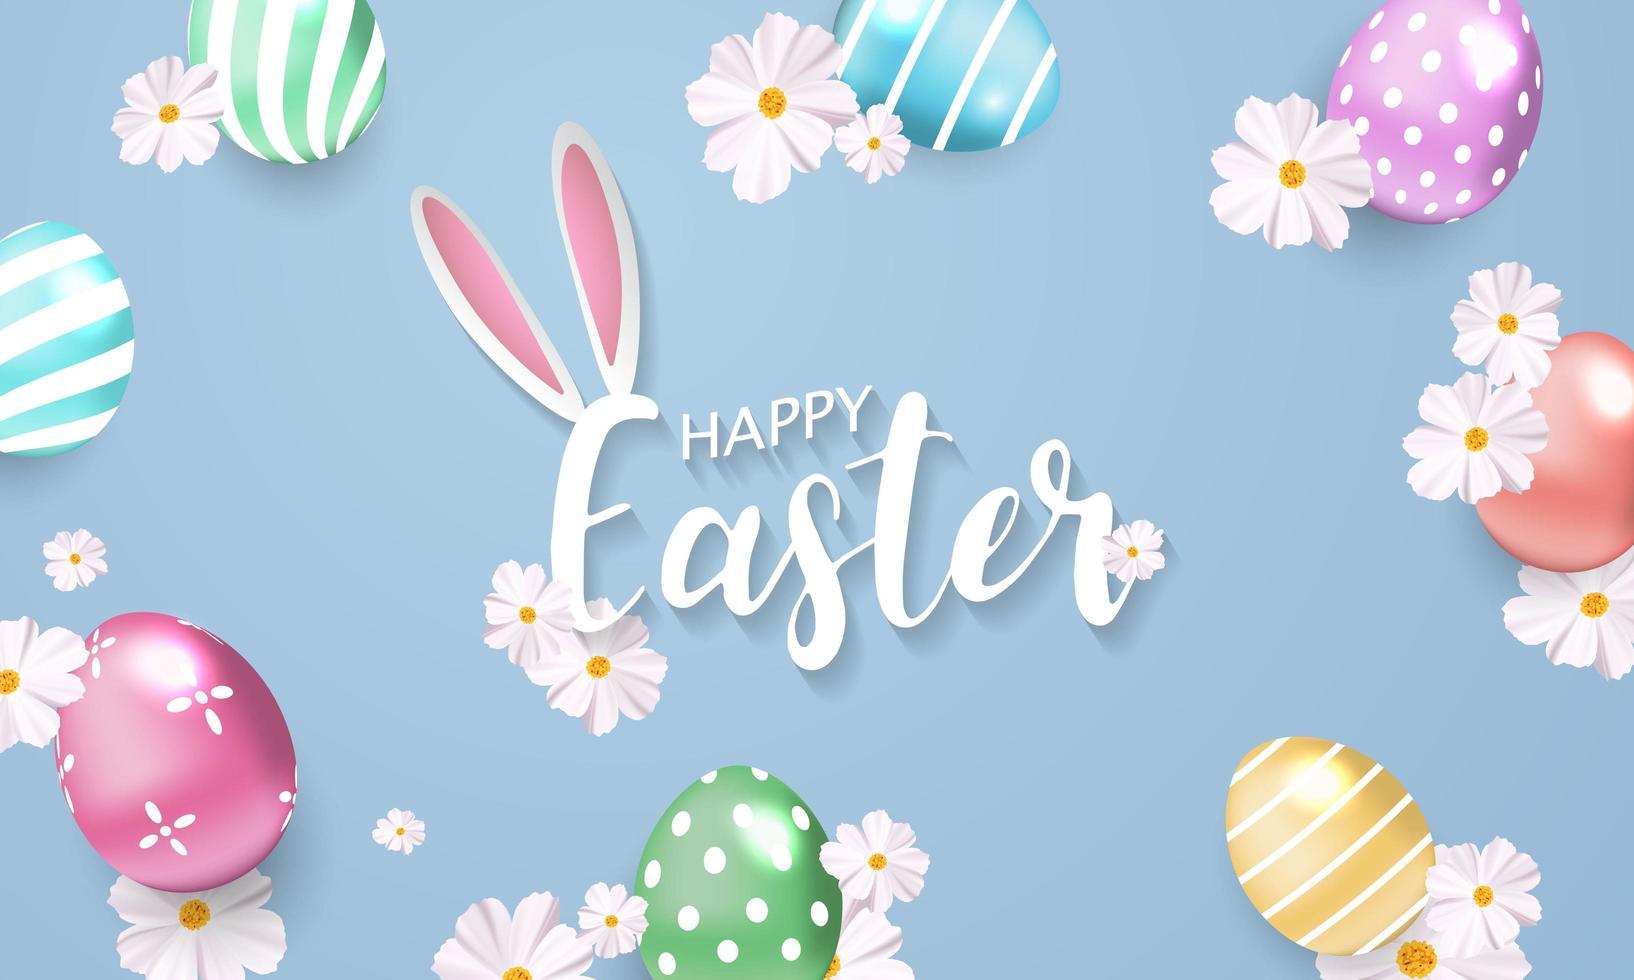 Ostern Hintergrund mit Blumen und glänzenden Eiern vektor